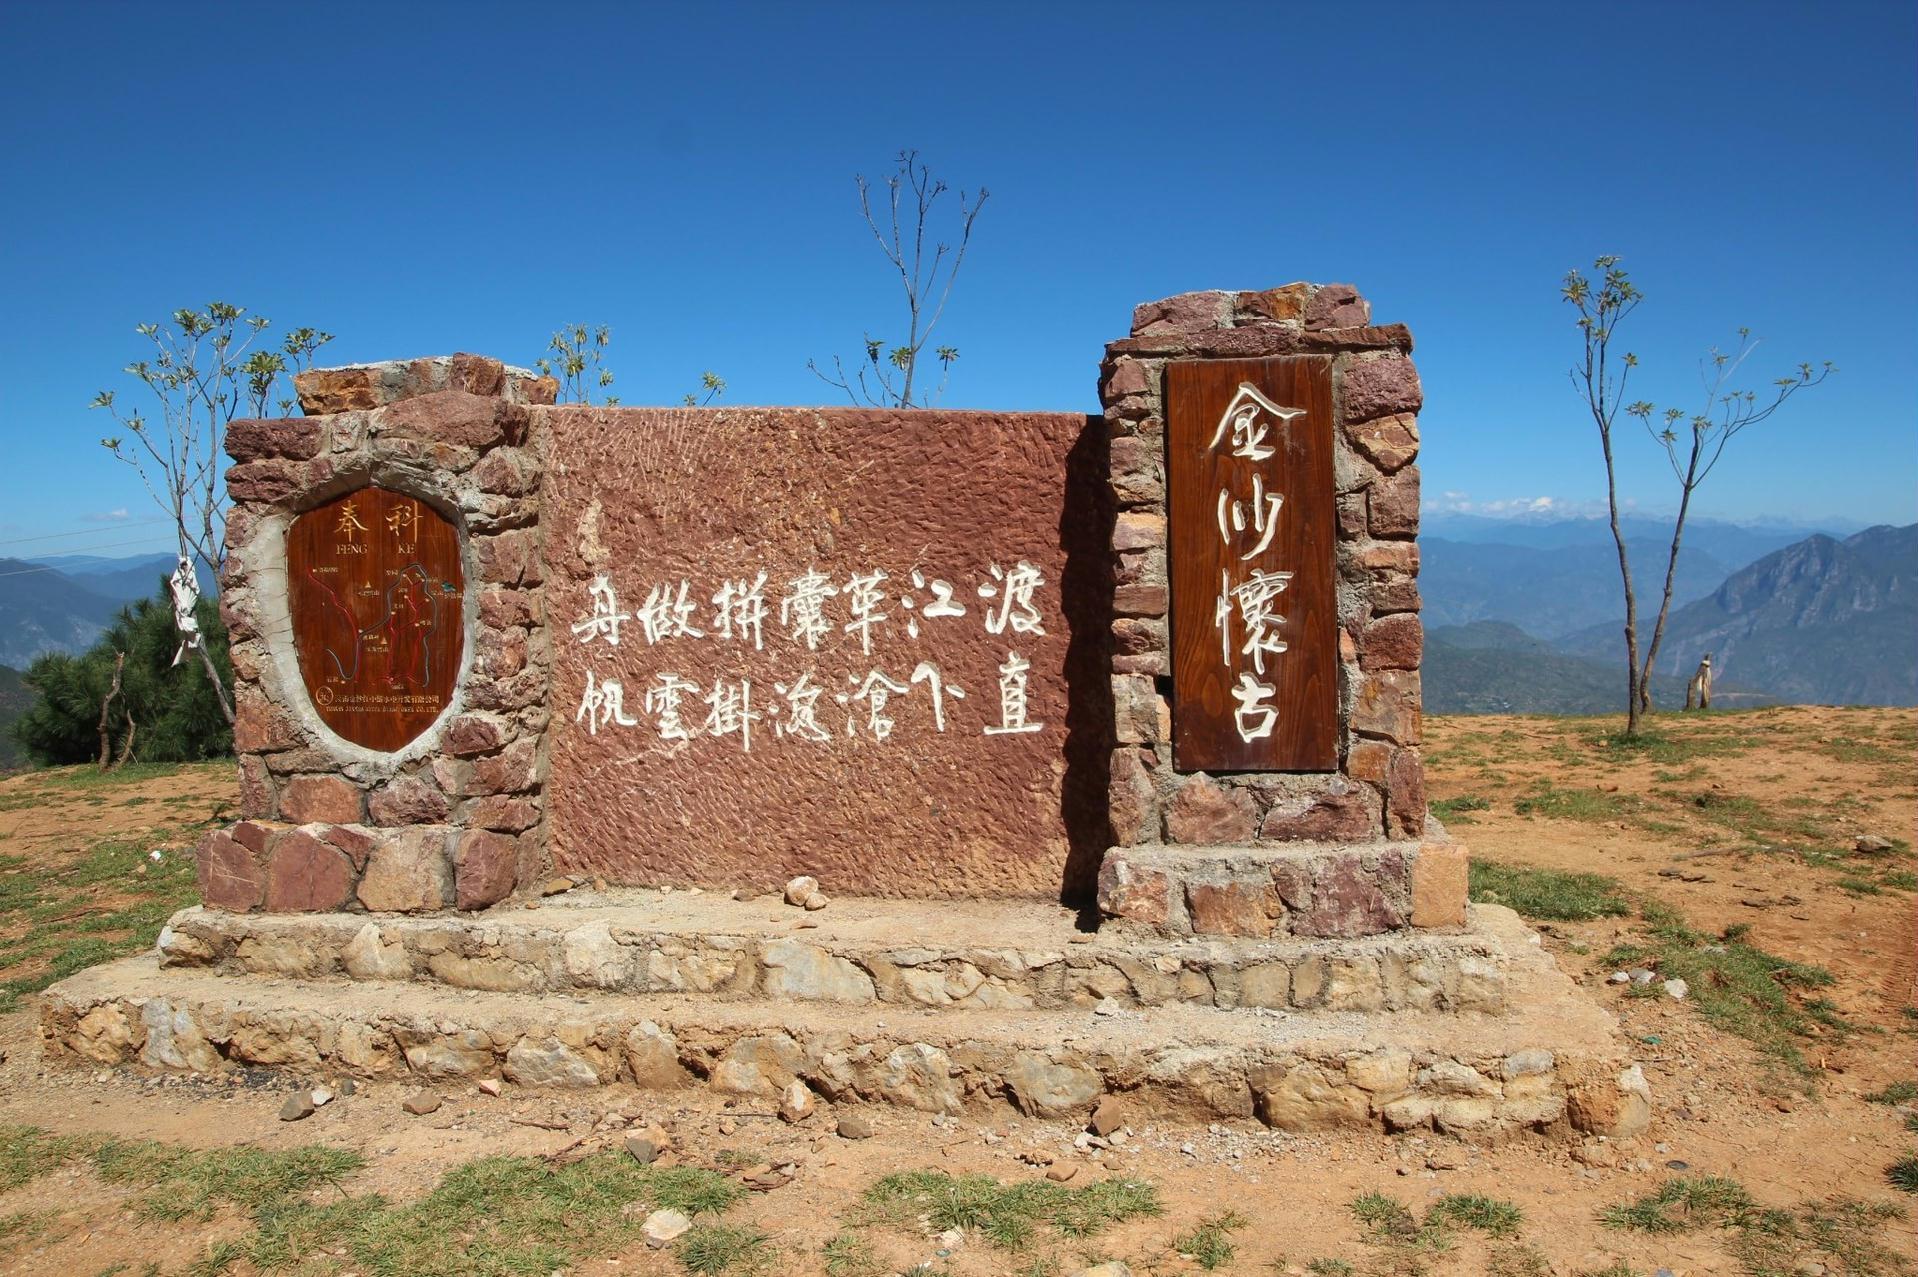 丽江五日独游 和驴友玩转古城-泸沽湖-雪山